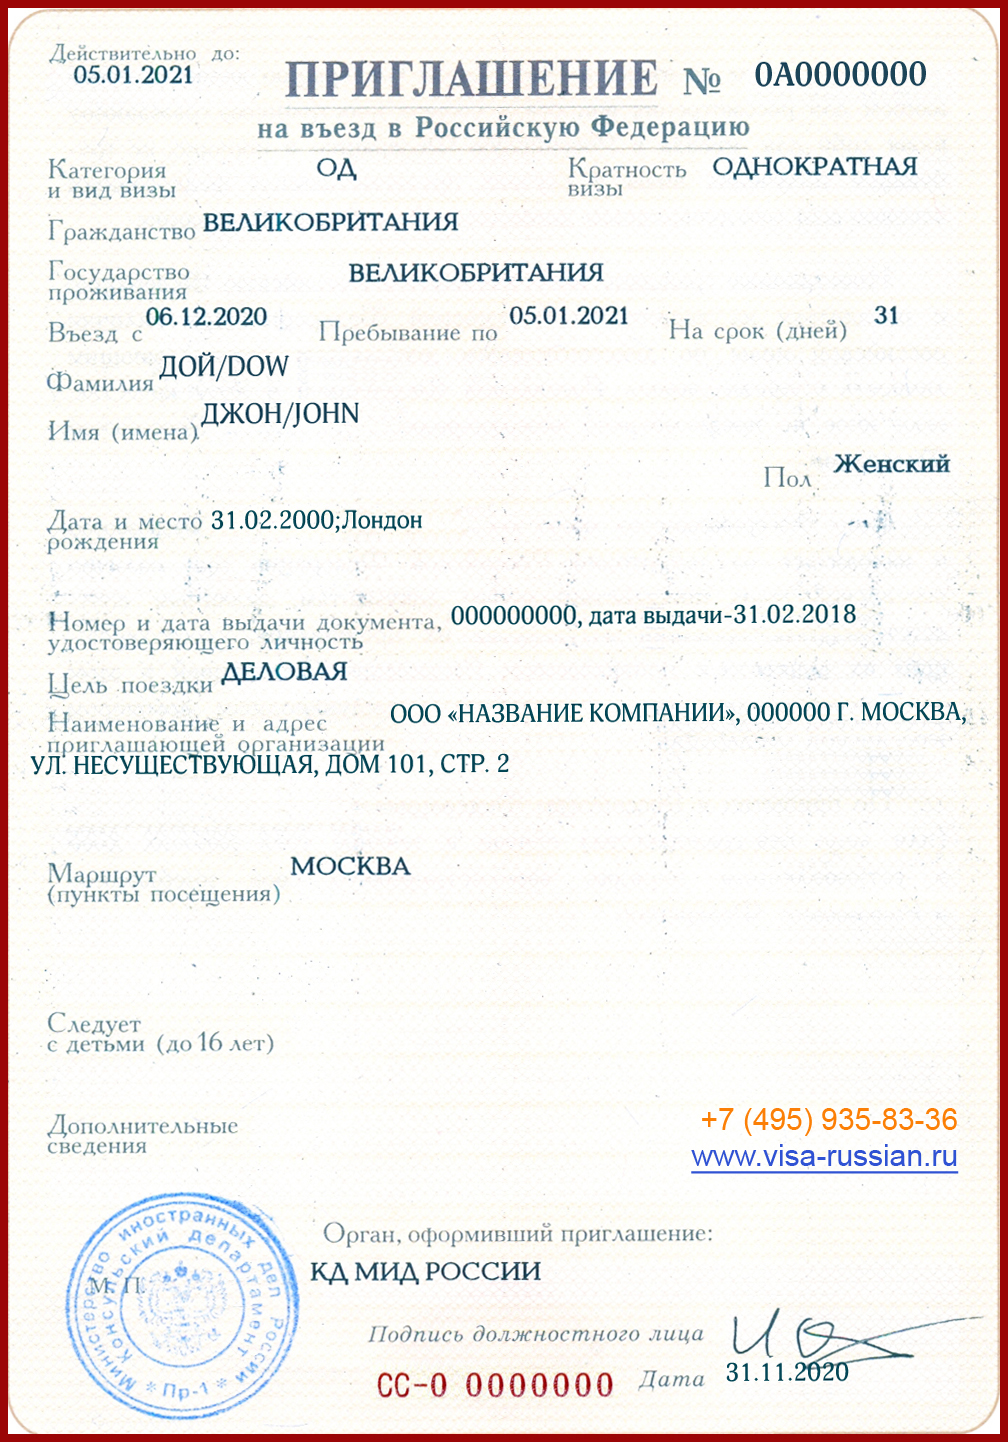 Поздравления, оформление приглашения для иностранца в россию от юридического лица